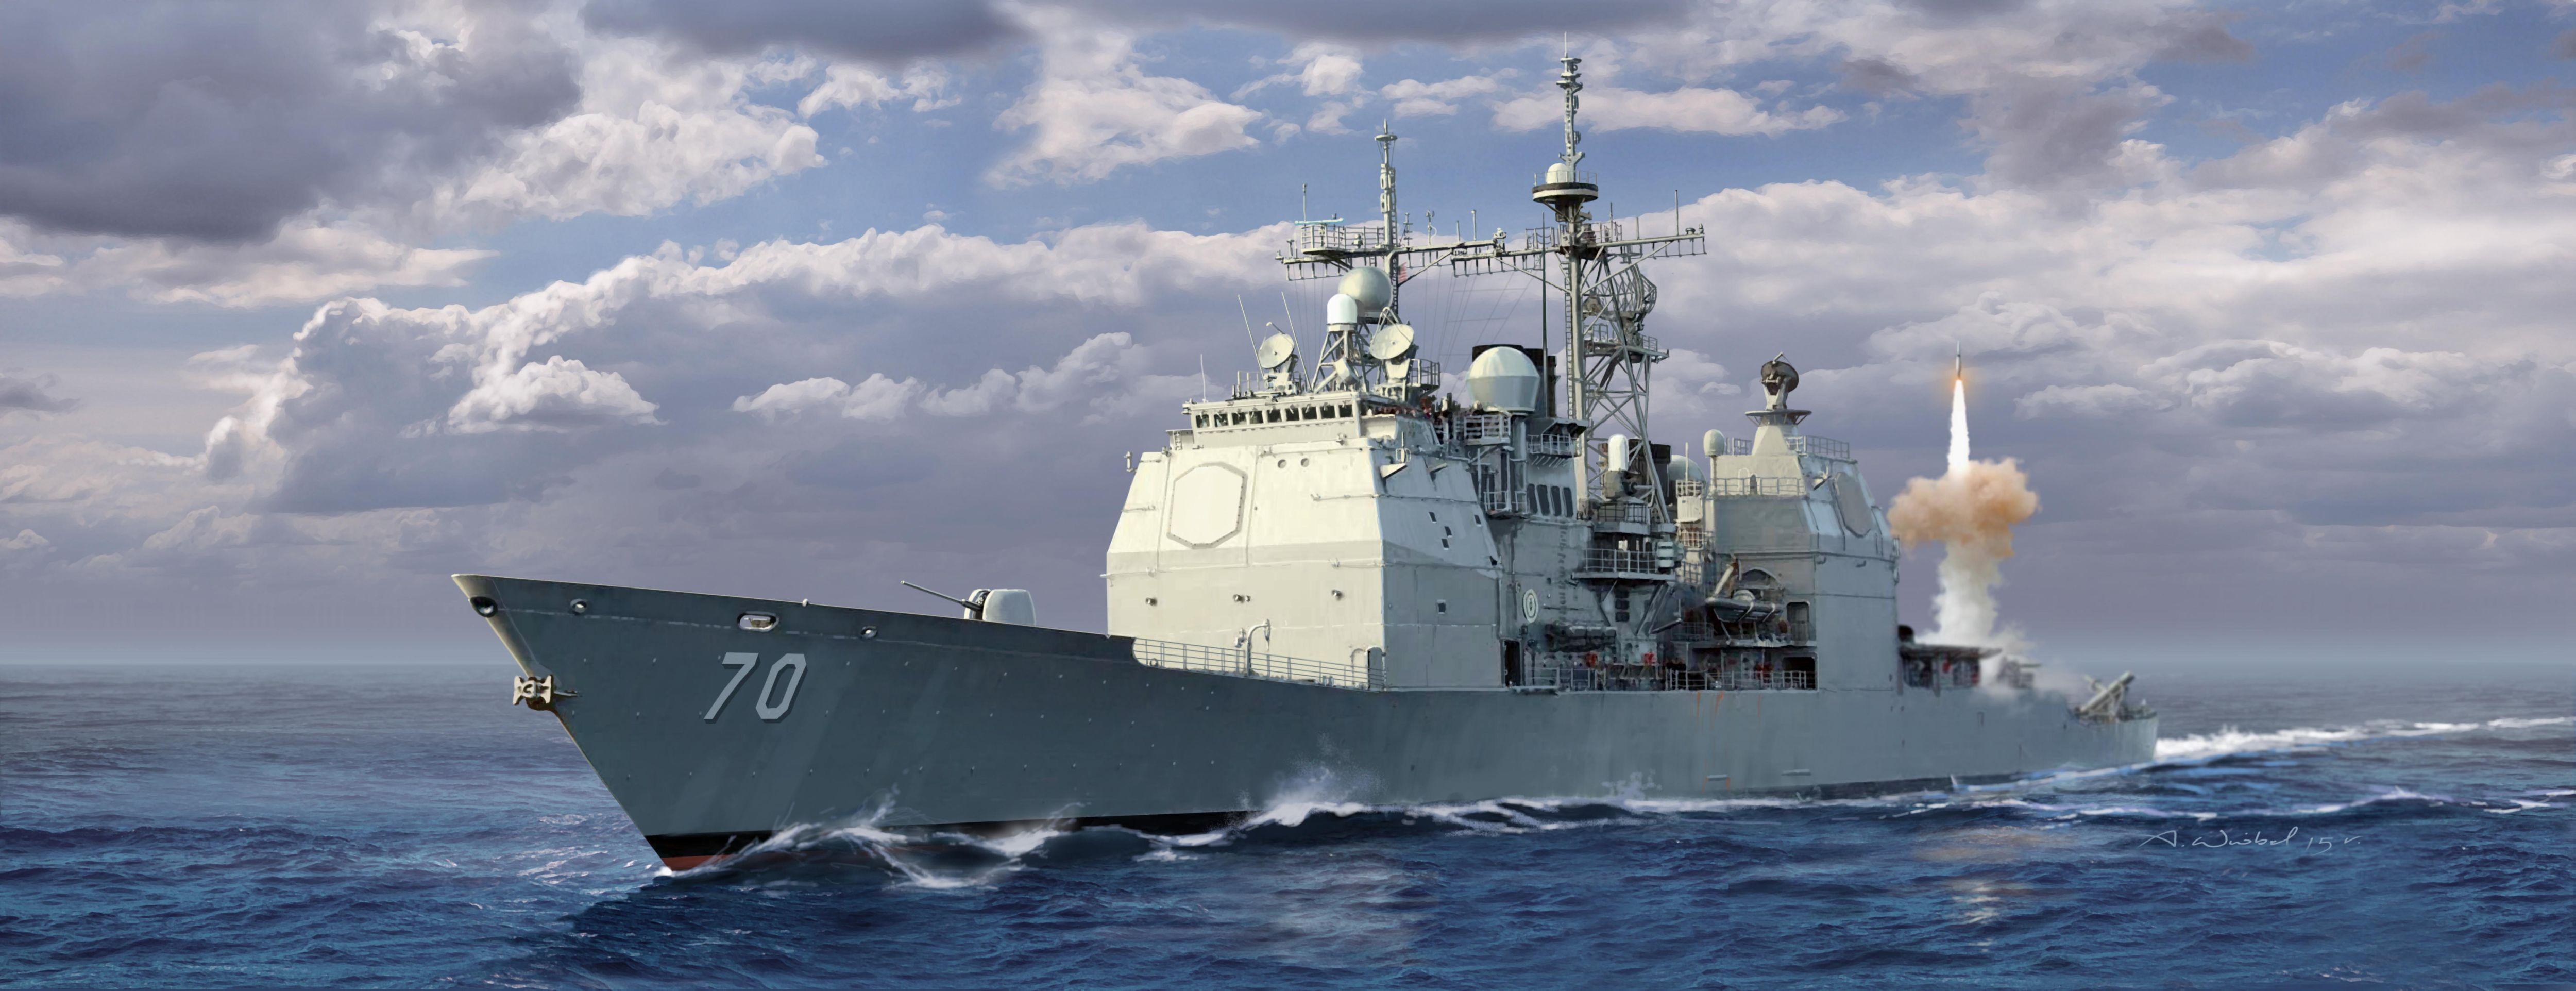 рисунок U.S.S. Lake Erie CG-70